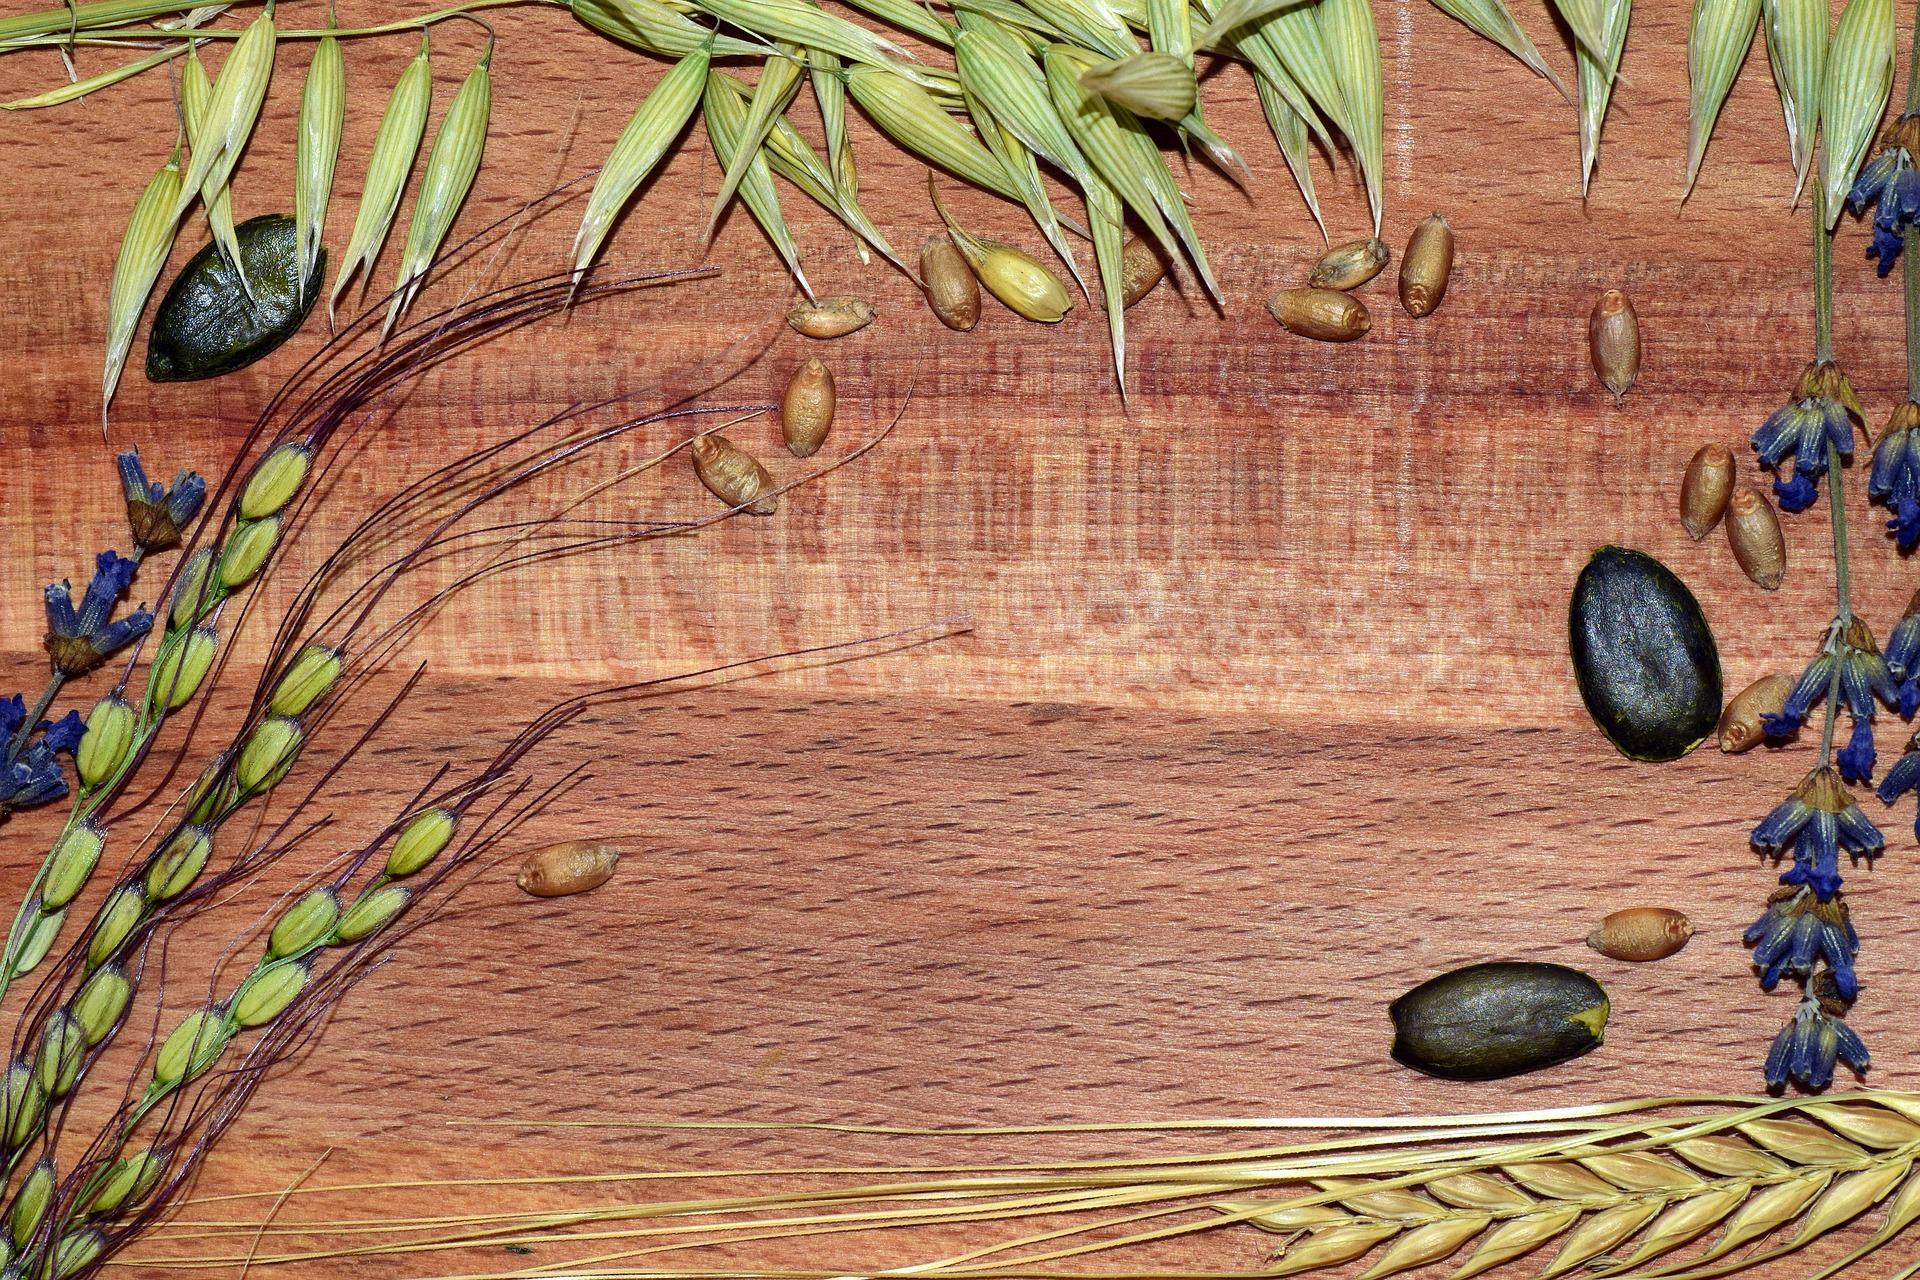 rijst brood en graanproducten - vitamine b1